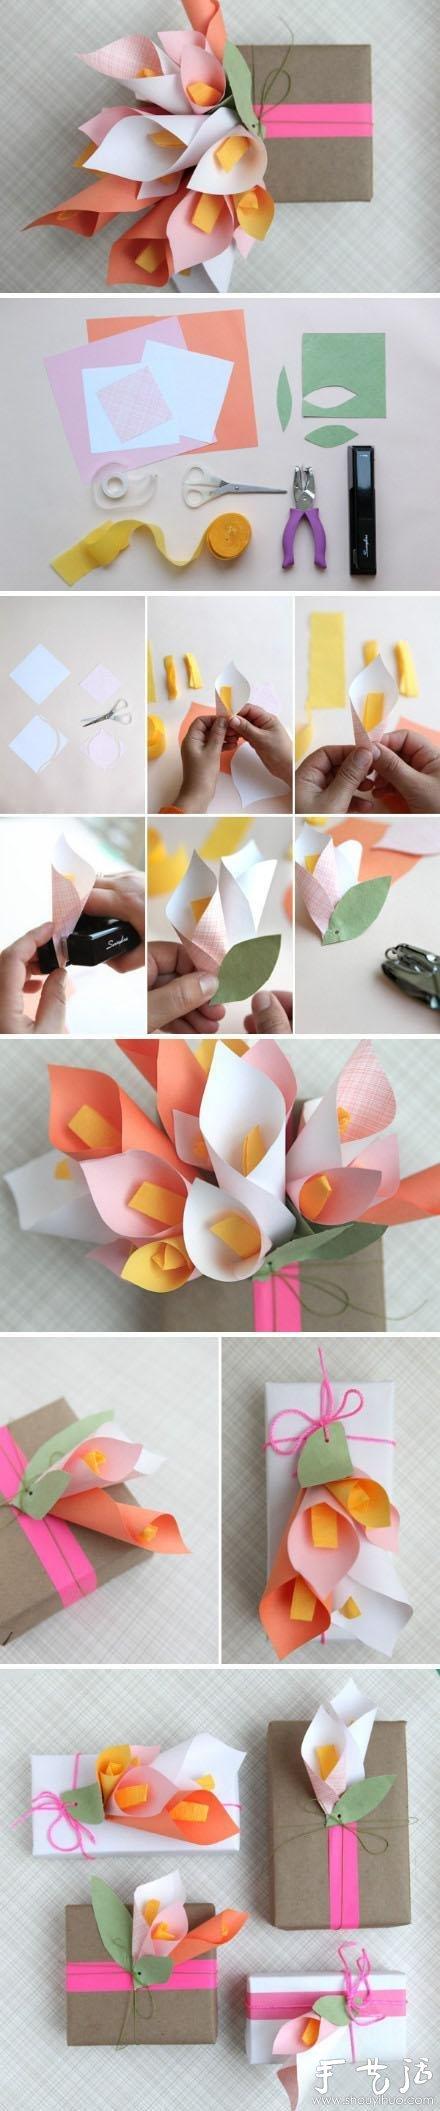 情人節DIY製作小清新馬蹄蓮包裝飾品